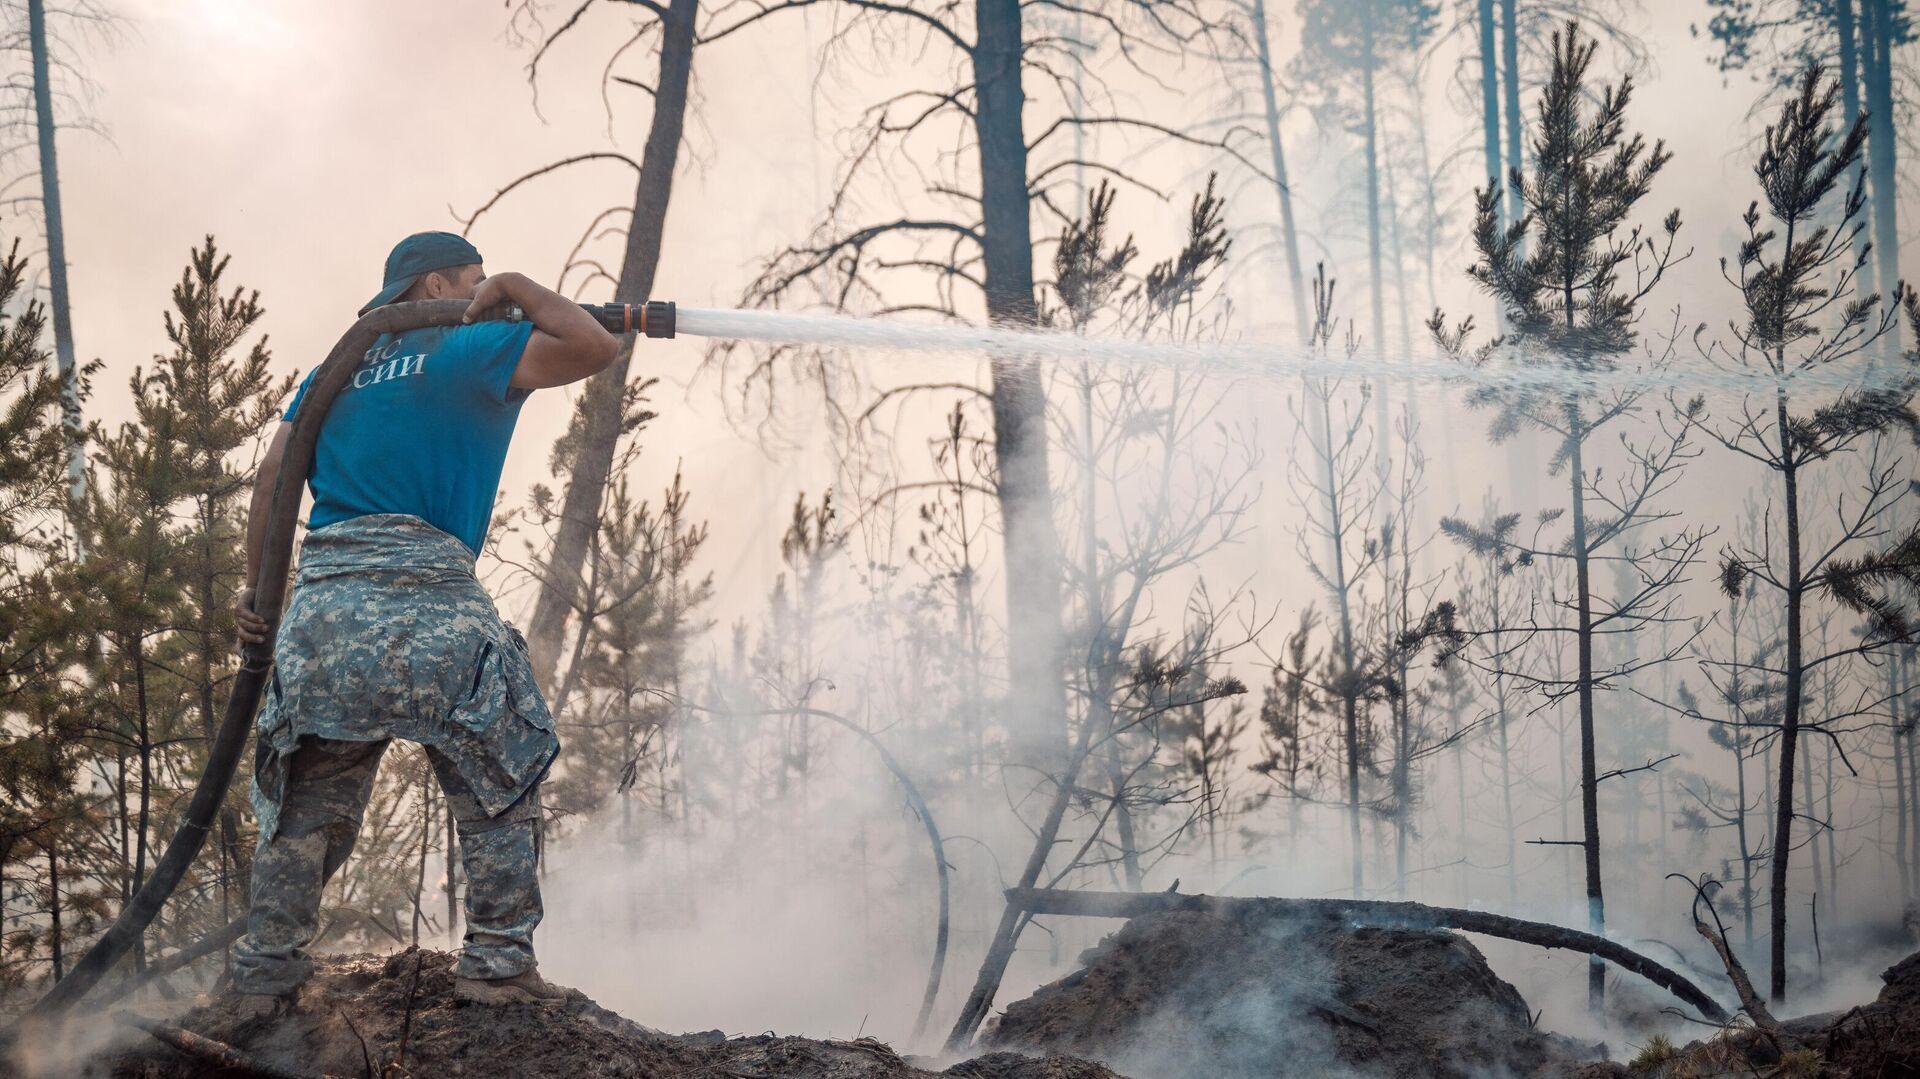 Сотрудник МЧС РФ во время тушения лесных пожаров в Якутии - РИА Новости, 1920, 21.07.2021